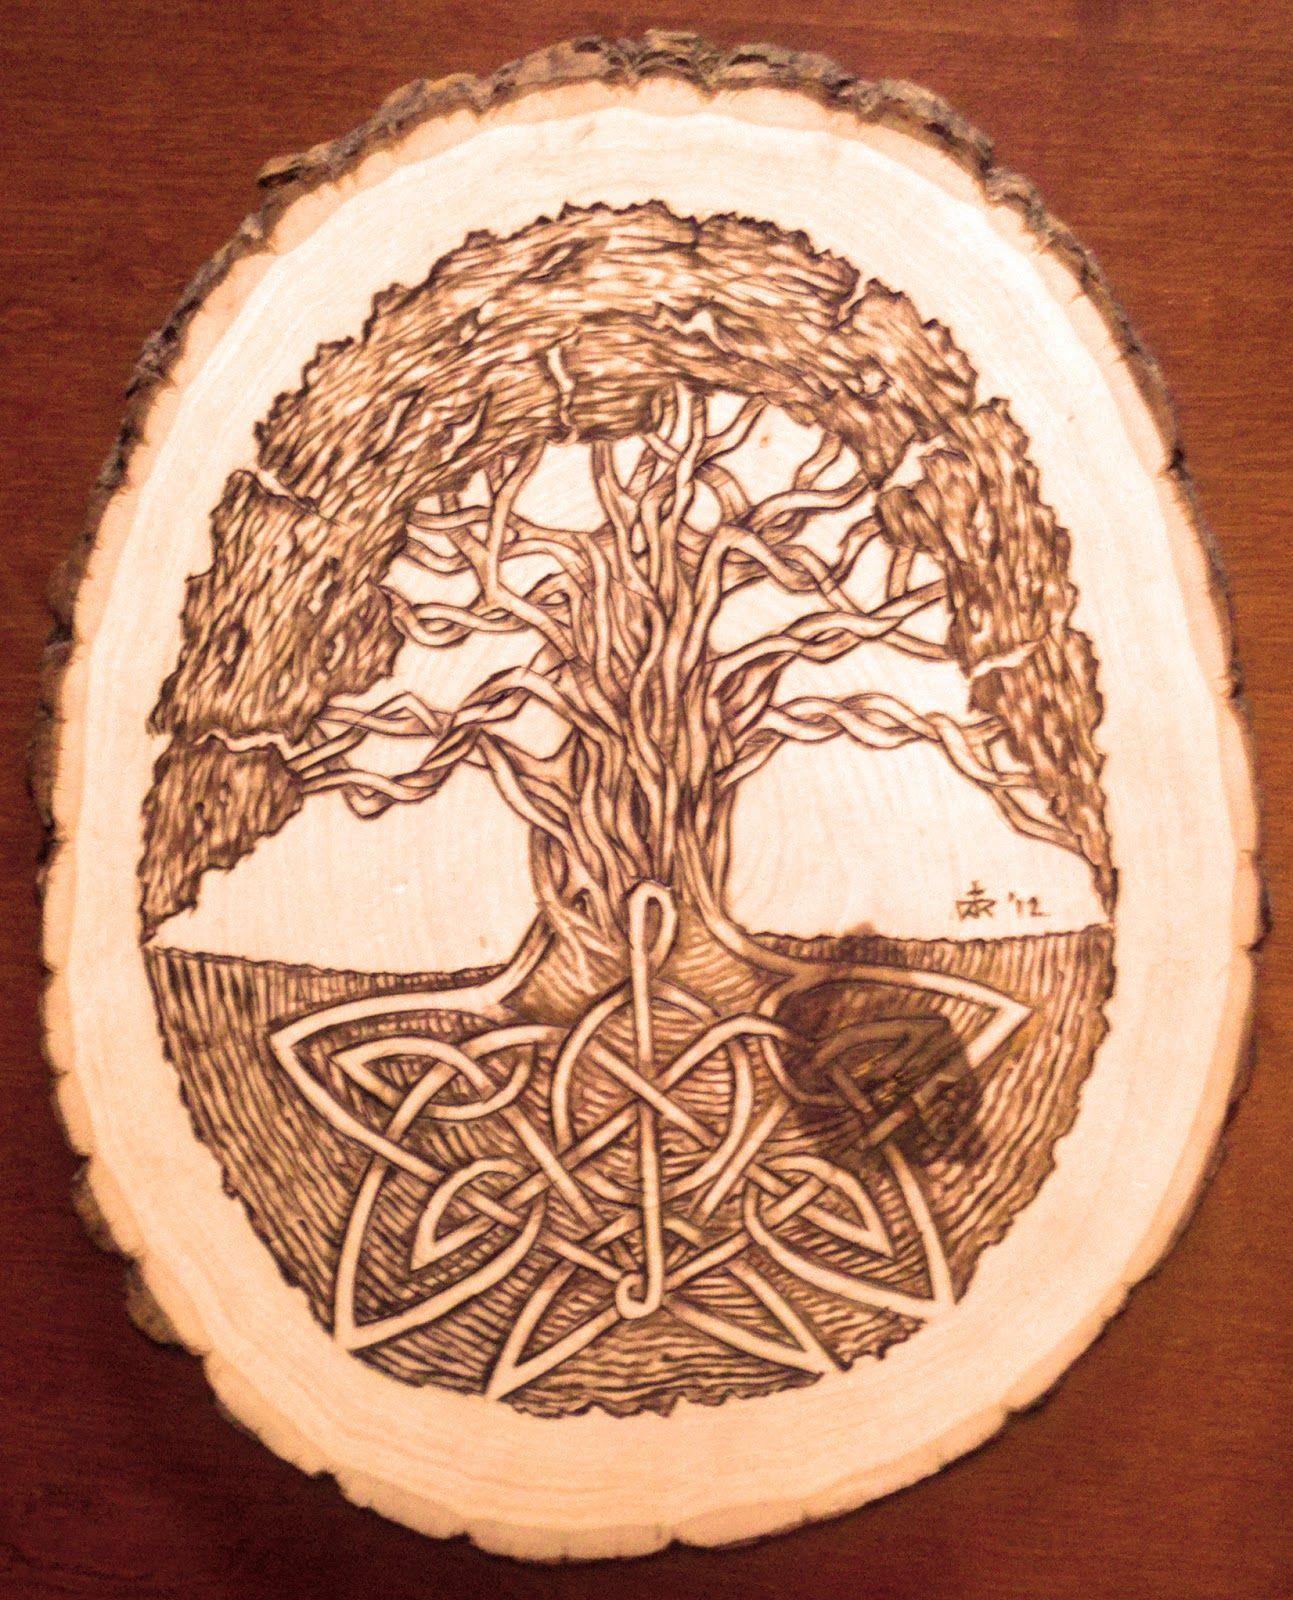 выжигание по дереву картинки славянские гранит габбро-диабаз